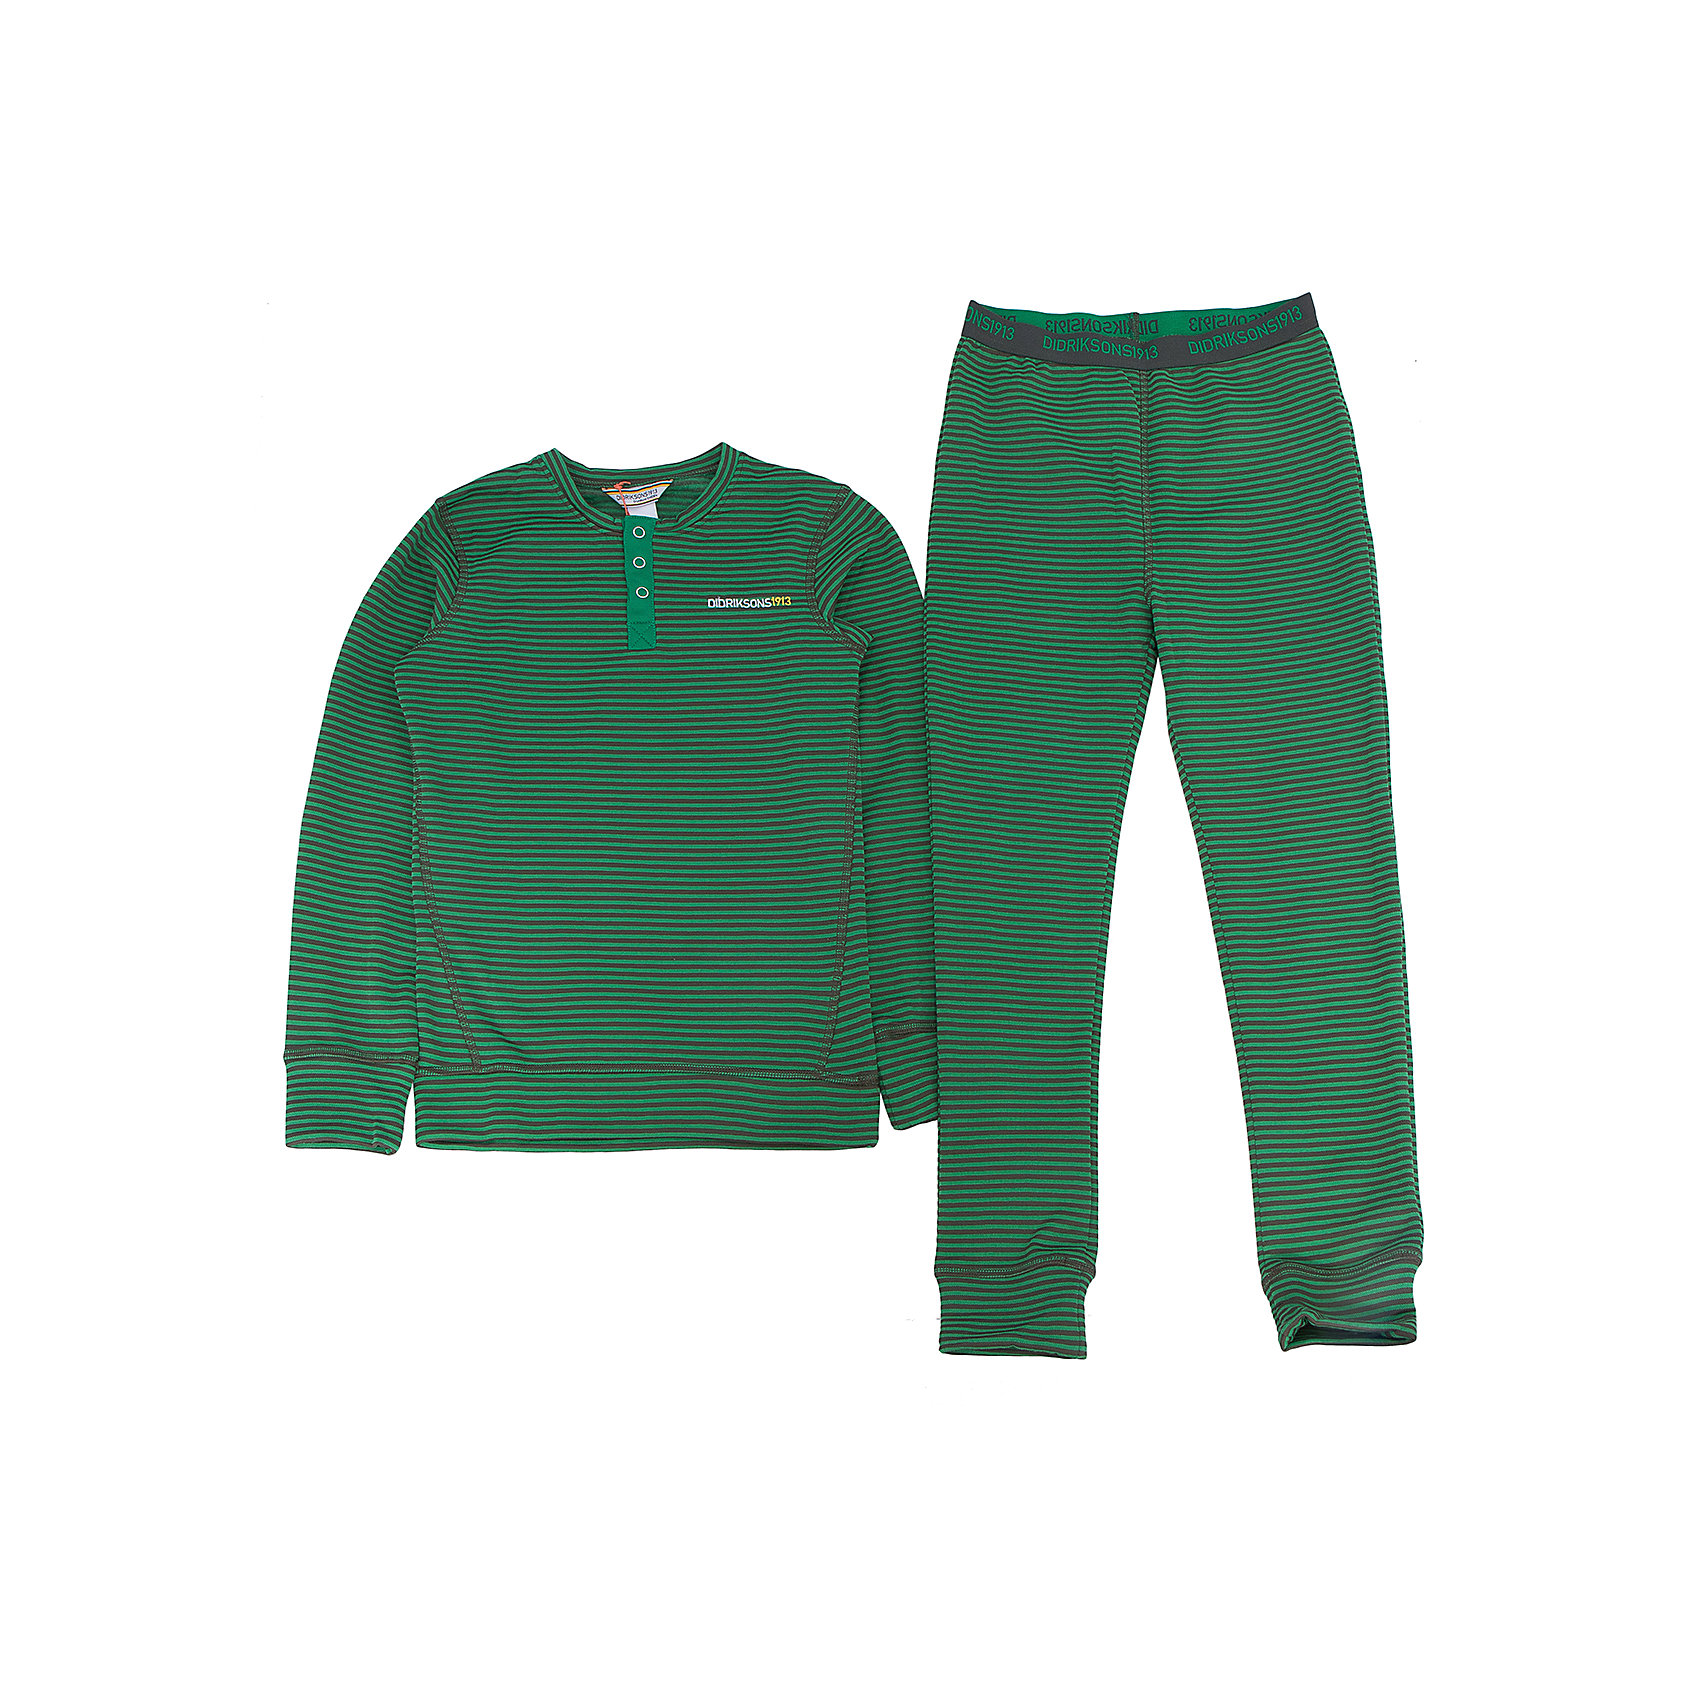 Термобелье Moarri для мальчика DIDRIKSONSФлис и термобелье<br>Характеристики товара:<br><br>• цвет: зеленый<br>• материал: 100% полиэстер<br>• трикотаж<br>• комплектация: штаны и рубашка<br>• длинный рукав<br>• мягкий материал<br>• пояс на резинке<br>• манжеты<br>• горловина на пуговицах<br>• страна бренда: Швеция<br>• страна производства: Китай<br><br>Такой комплект понадобится в холодную и сырую погоду! Он не только очень теплый, но еще и очень комфортный. Комплект обеспечит ребенку удобство при прогулках и активном отдыхе в холода. Такая модель от шведского производителя легко стирается.<br>Материал комплета - легкий трикотаж, который обладает отличными теплоизоляционными свойствами и приятен на ощупь. Очень стильная и удобная модель! Изделие качественно выполнено, сделано из безопасных для детей материалов. <br><br>Термобелье для мальчика от бренда DIDRIKSONS можно купить в нашем интернет-магазине.<br><br>Ширина мм: 356<br>Глубина мм: 10<br>Высота мм: 245<br>Вес г: 519<br>Цвет: зеленый<br>Возраст от месяцев: 36<br>Возраст до месяцев: 48<br>Пол: Мужской<br>Возраст: Детский<br>Размер: 120,100,110,140,130<br>SKU: 5212646